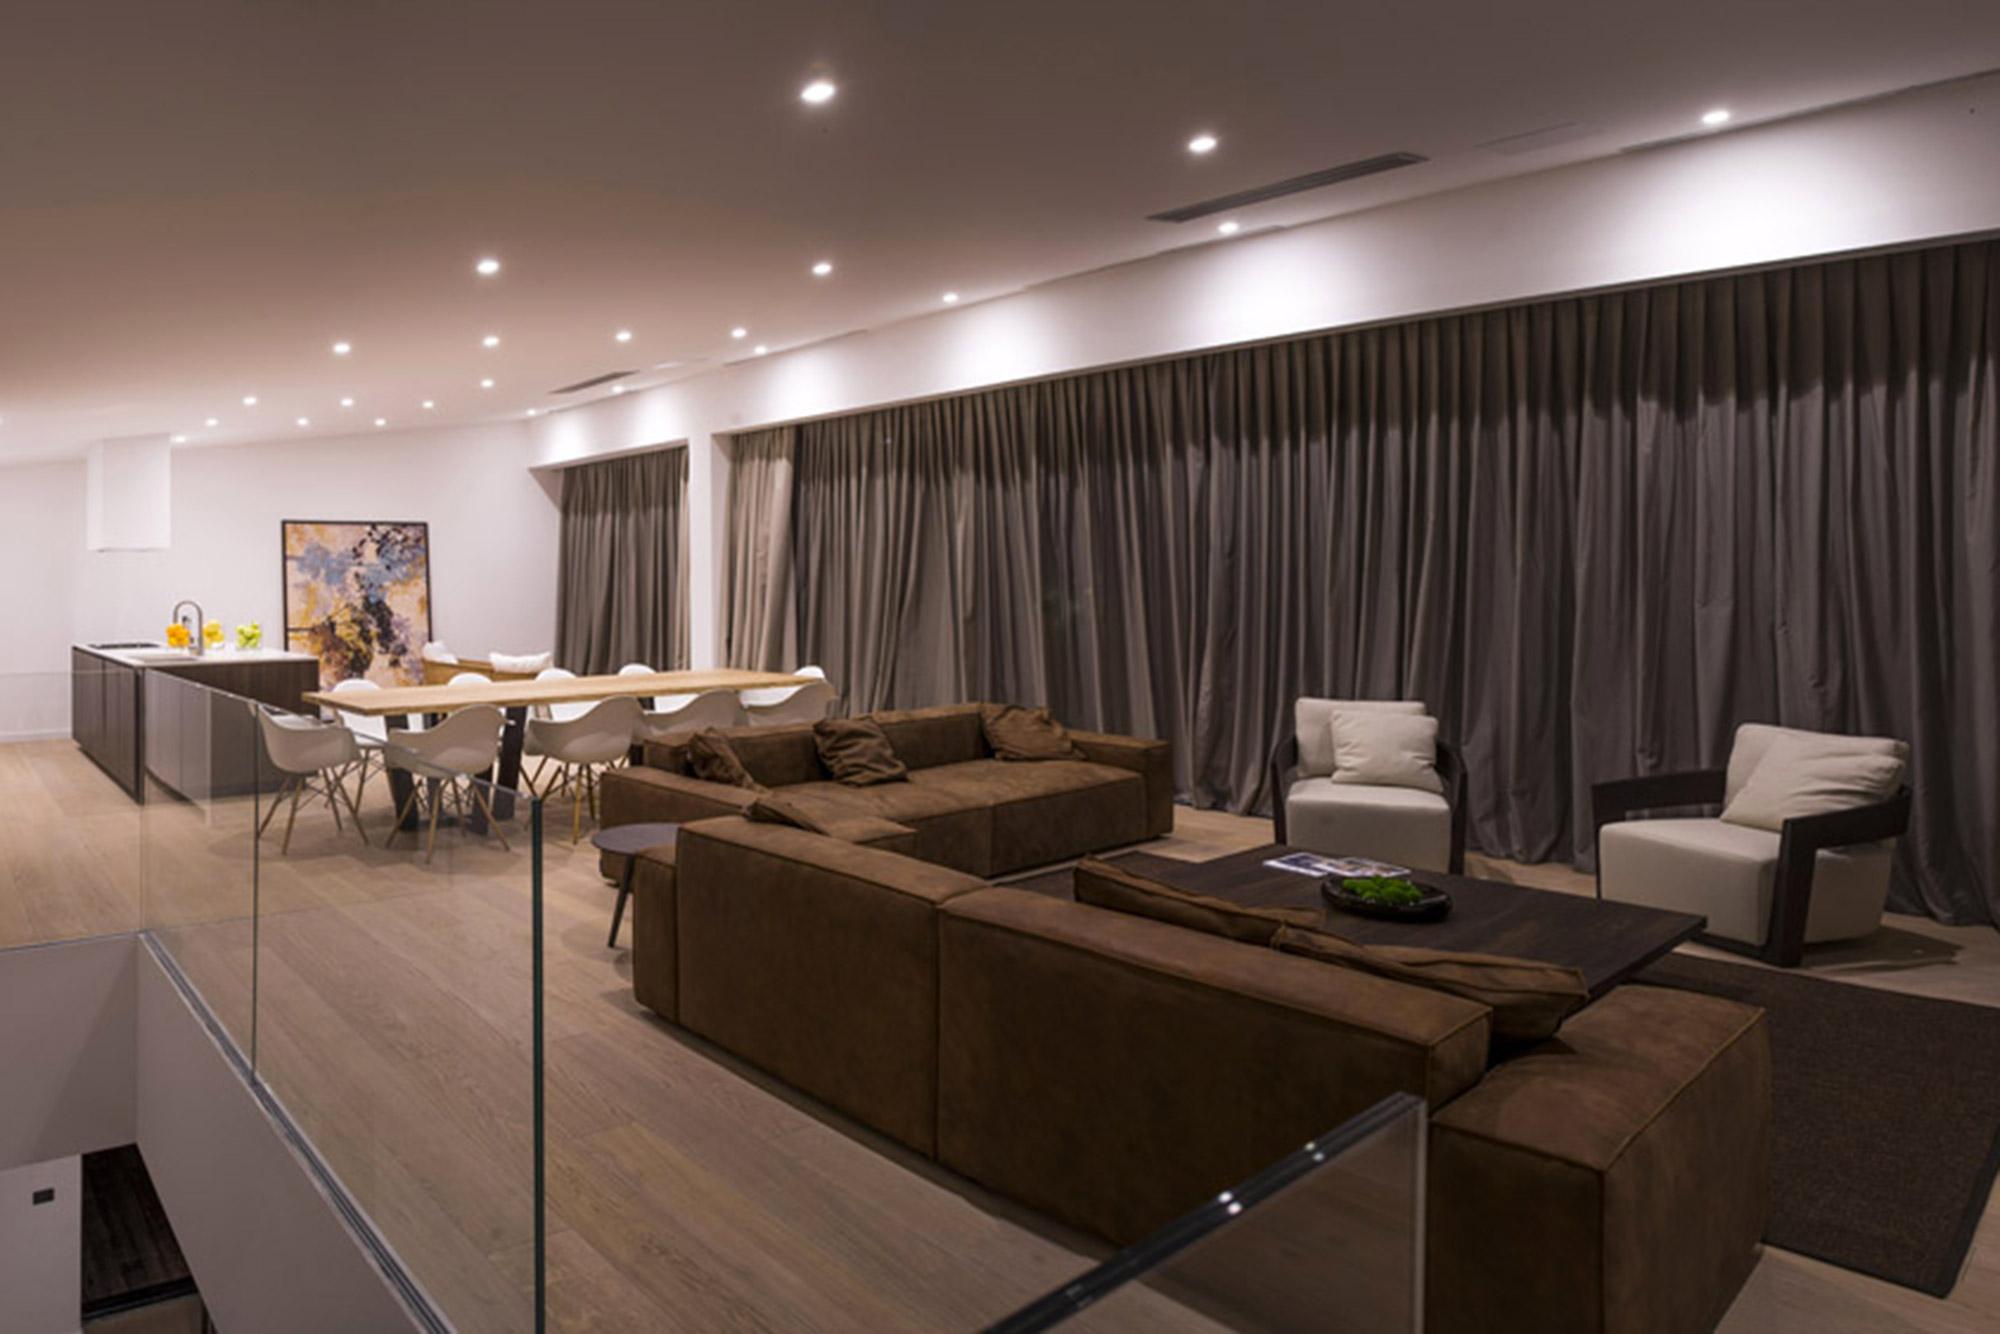 L 39 ambiente negozi arredamento e mobili a treviso for Negozi arredamento treviso